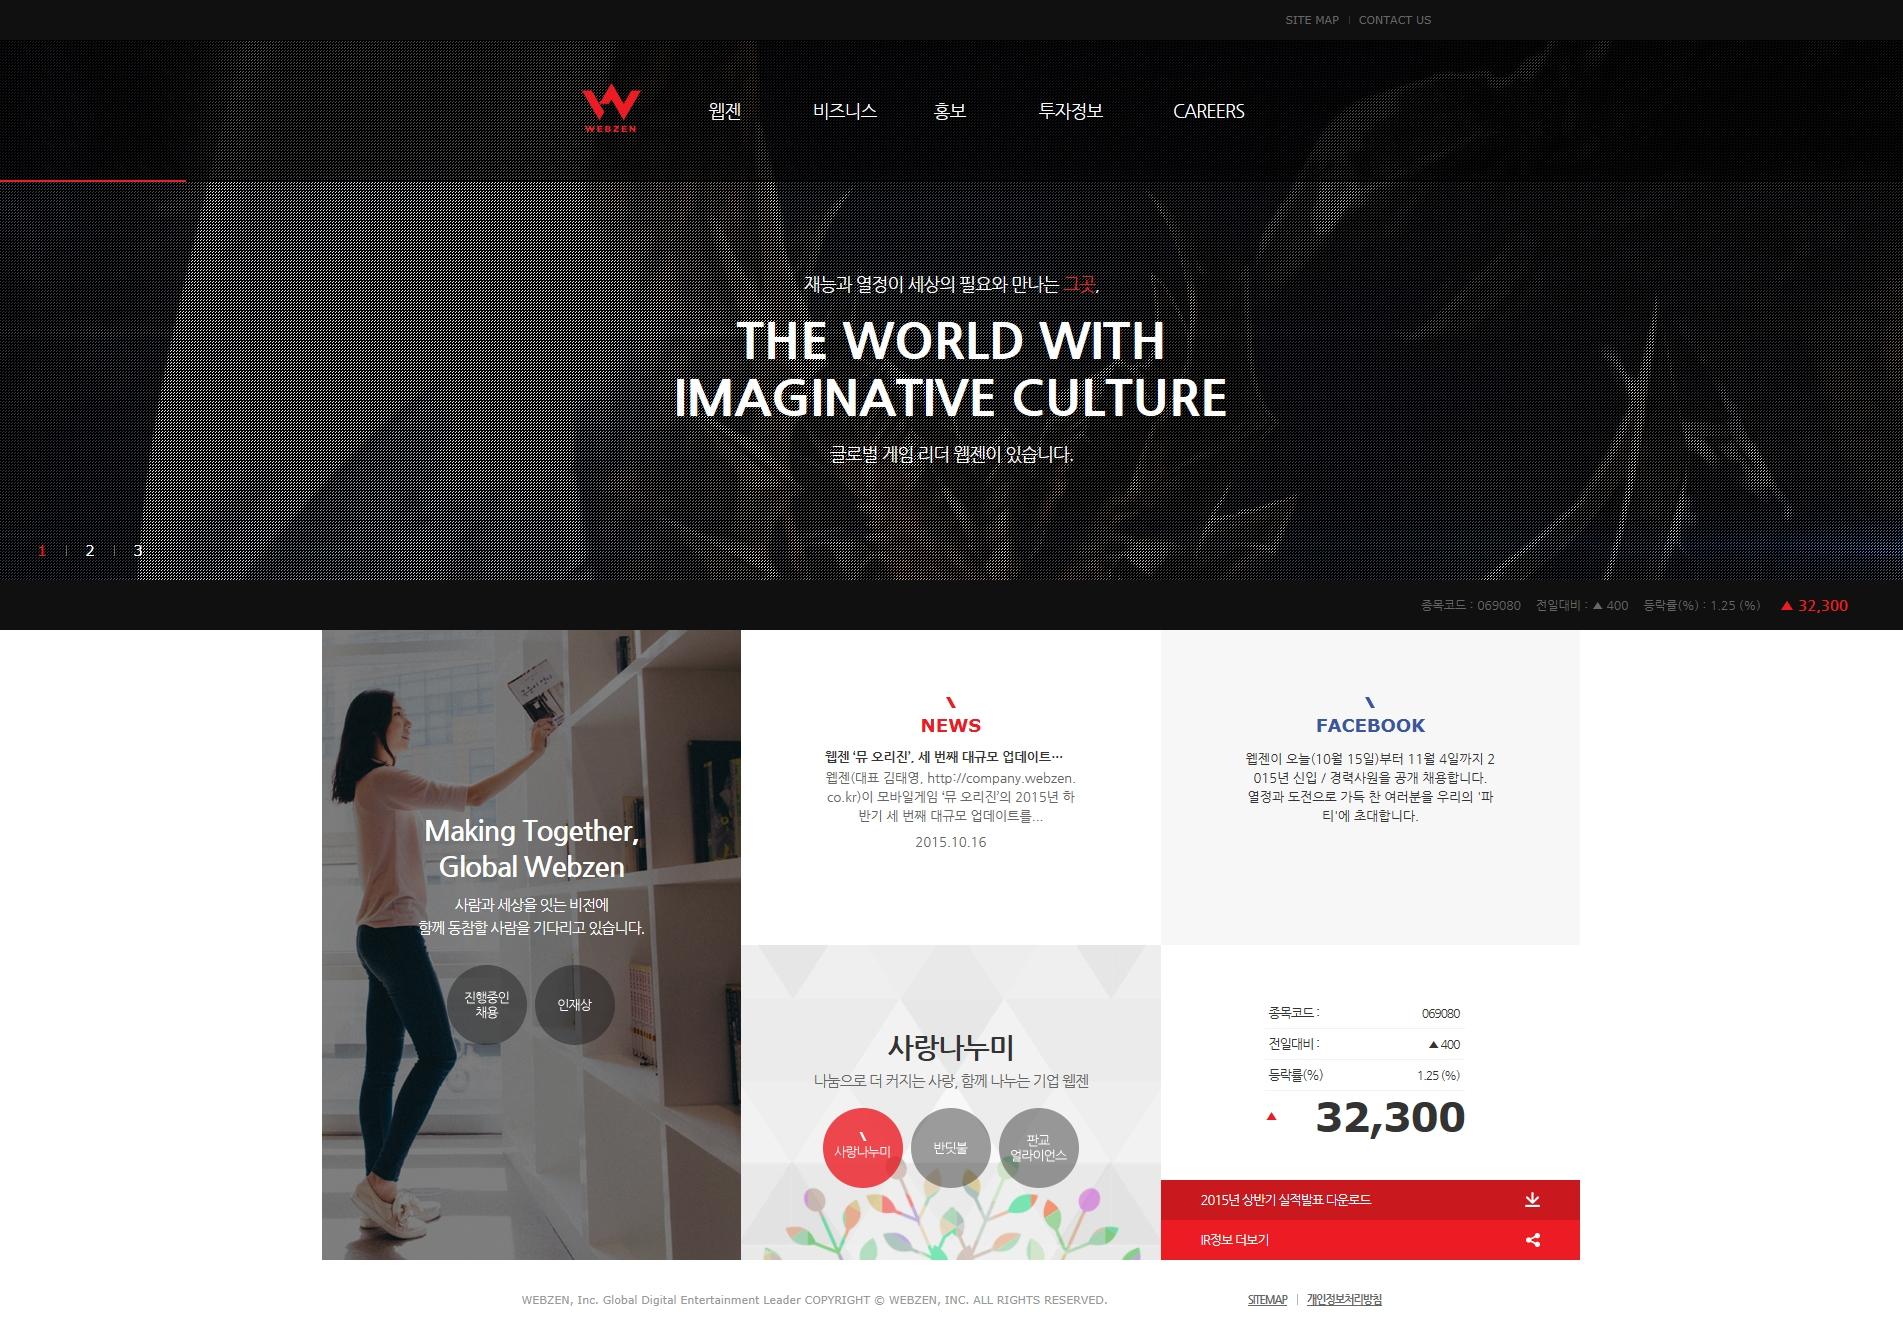 [우수 홈페이지 분석]  WebZen